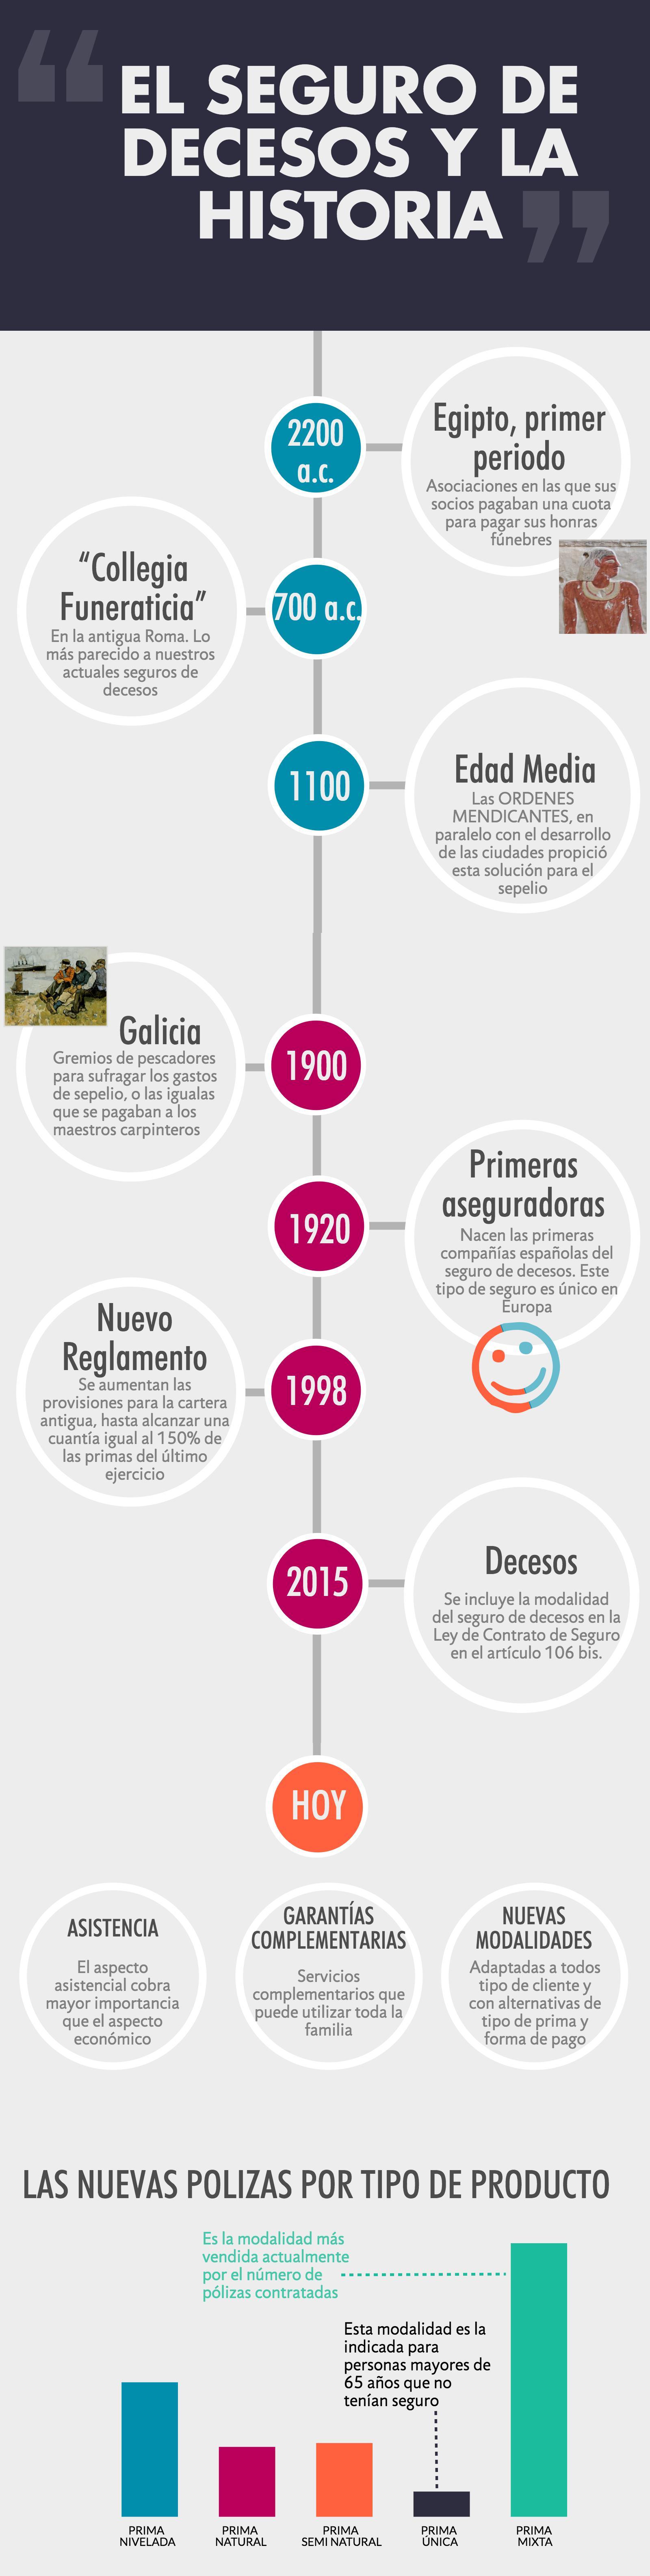 Infografía decesos, la historia del seguro de decesos